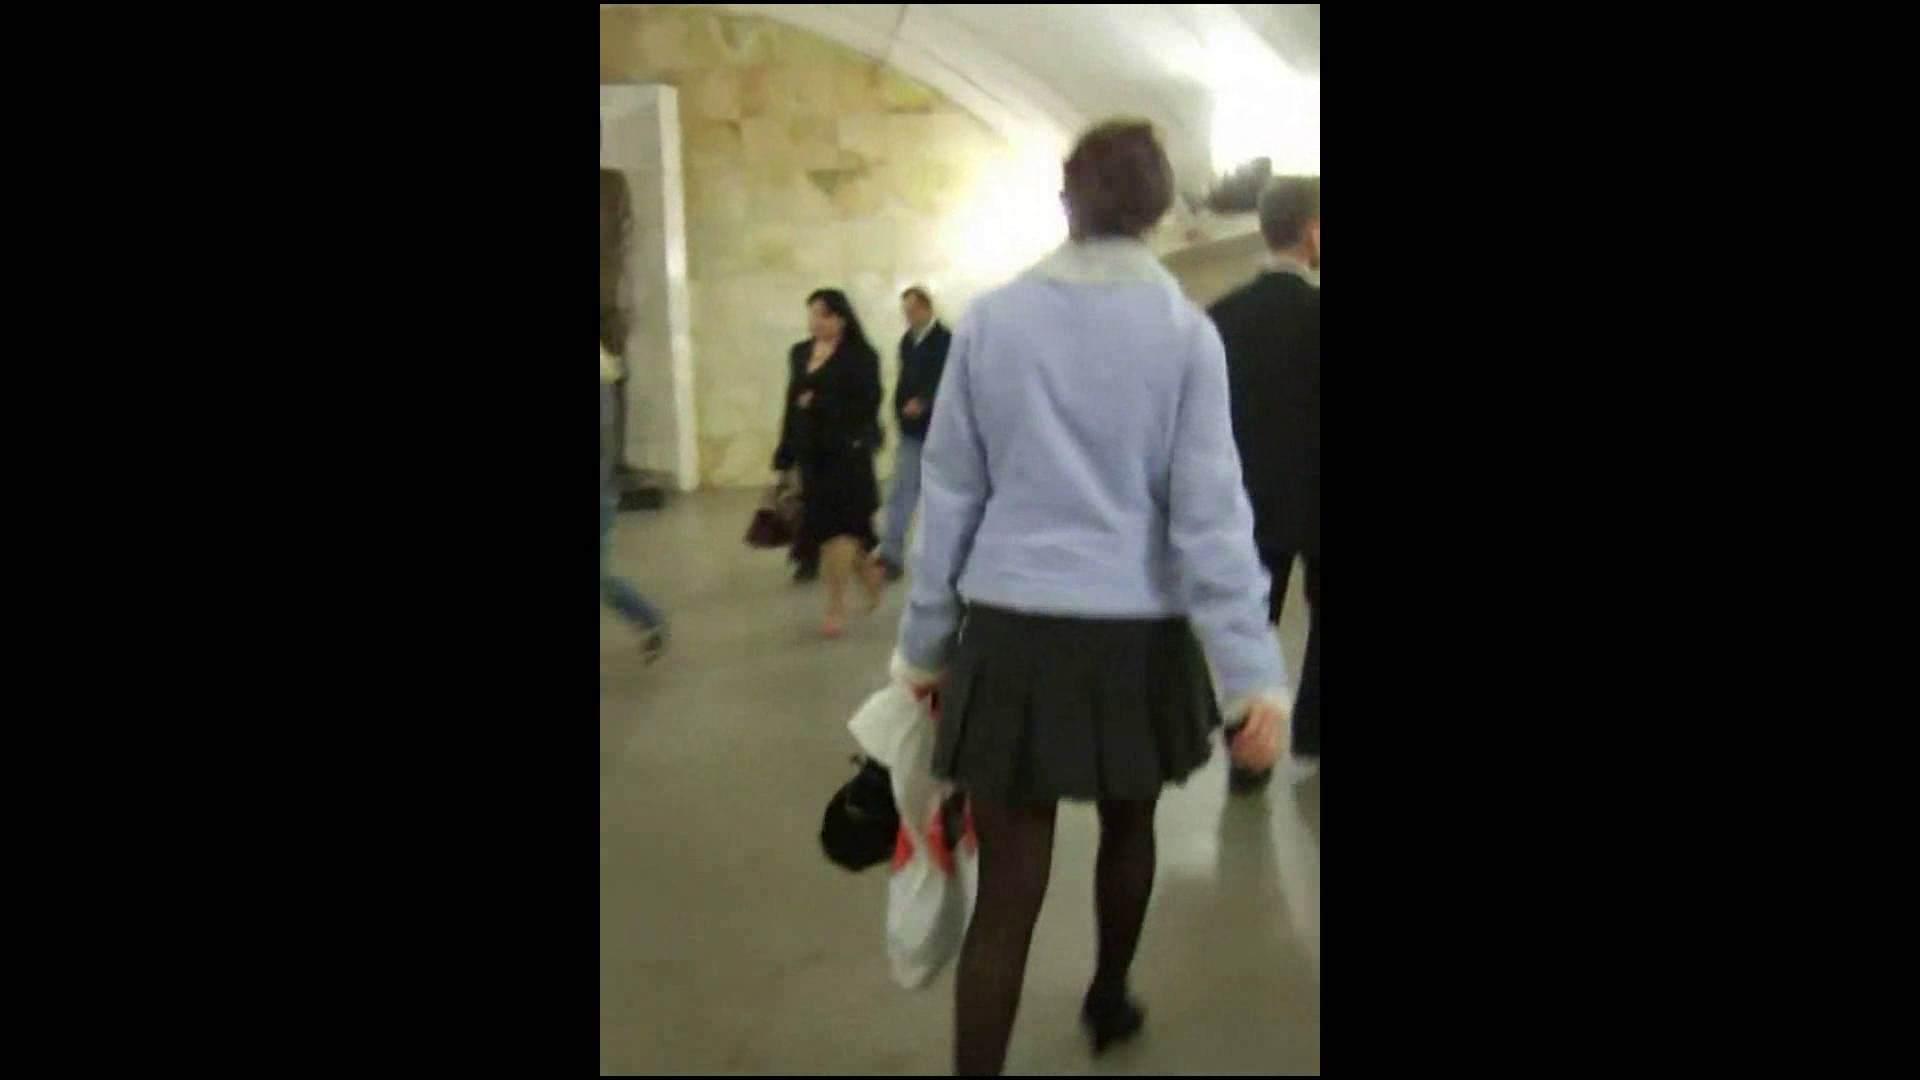 綺麗なモデルさんのスカート捲っちゃおう‼vol06 モデル おまんこ動画流出 103pic 23